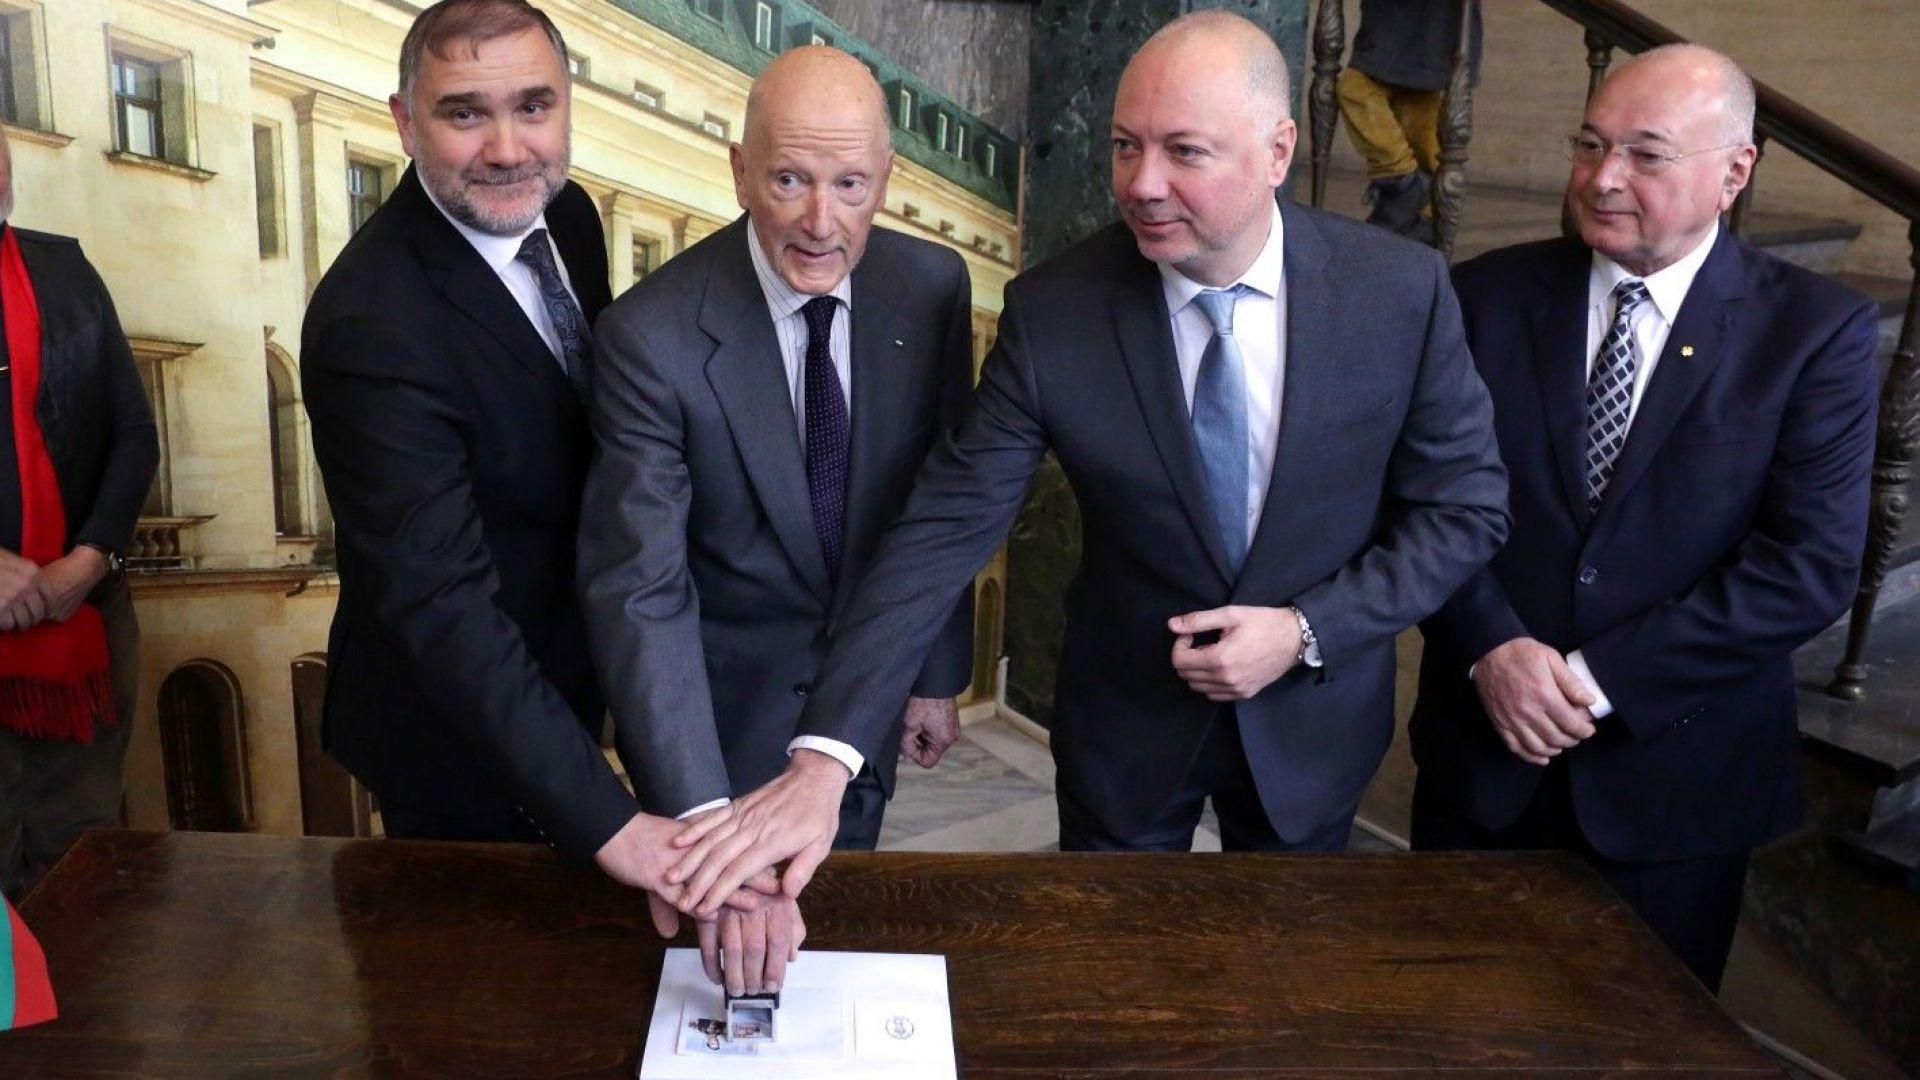 Сакскобургготски: Не бива да се плашим от предсрочни избори